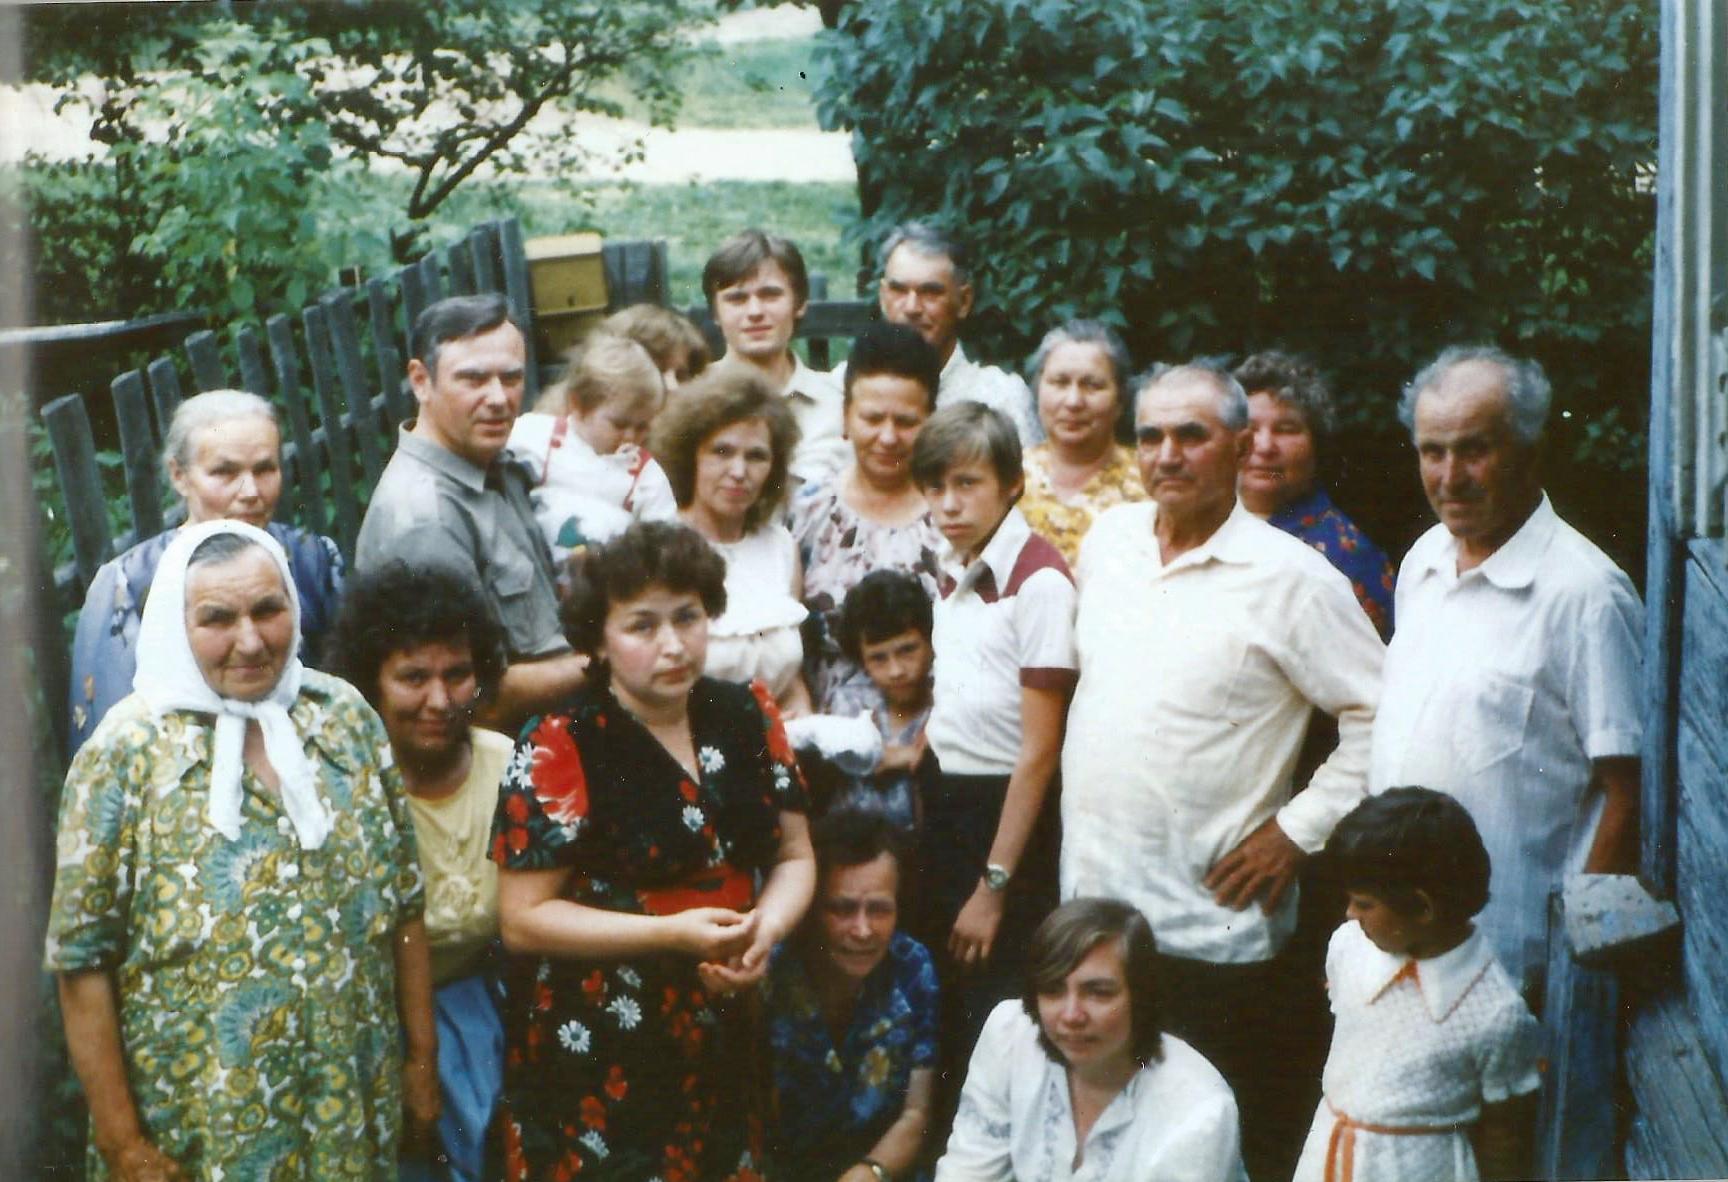 Семья Хлебянкиных - Белозеровых с родными 1987